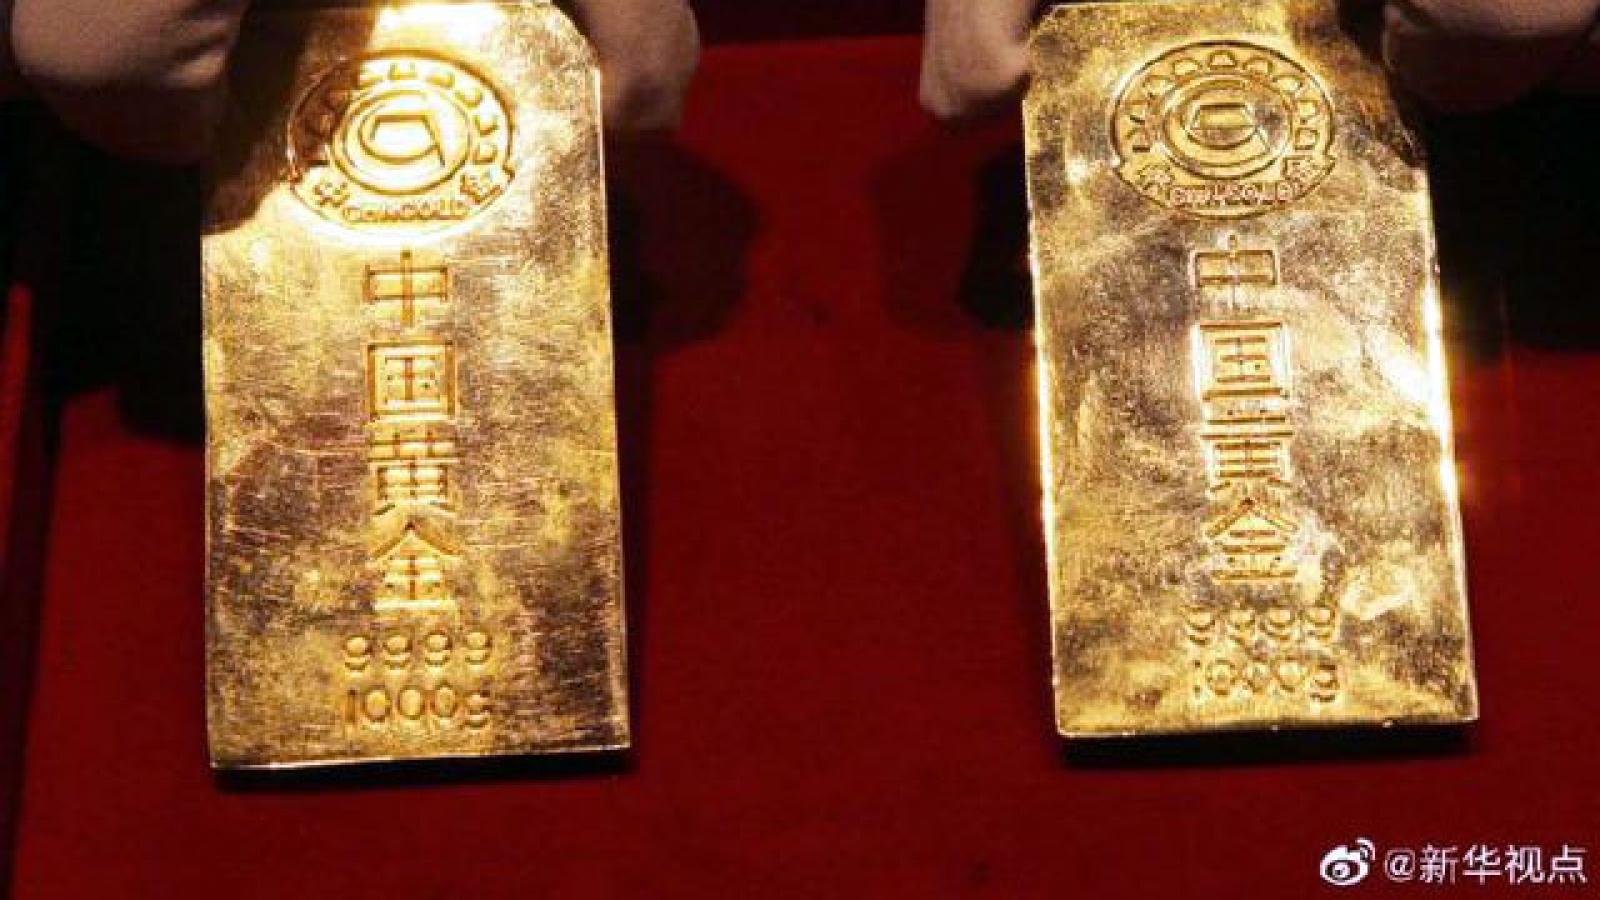 Sản lượng vàng của Trung Quốc đứng đầu thế giới 13 năm liên tiếp